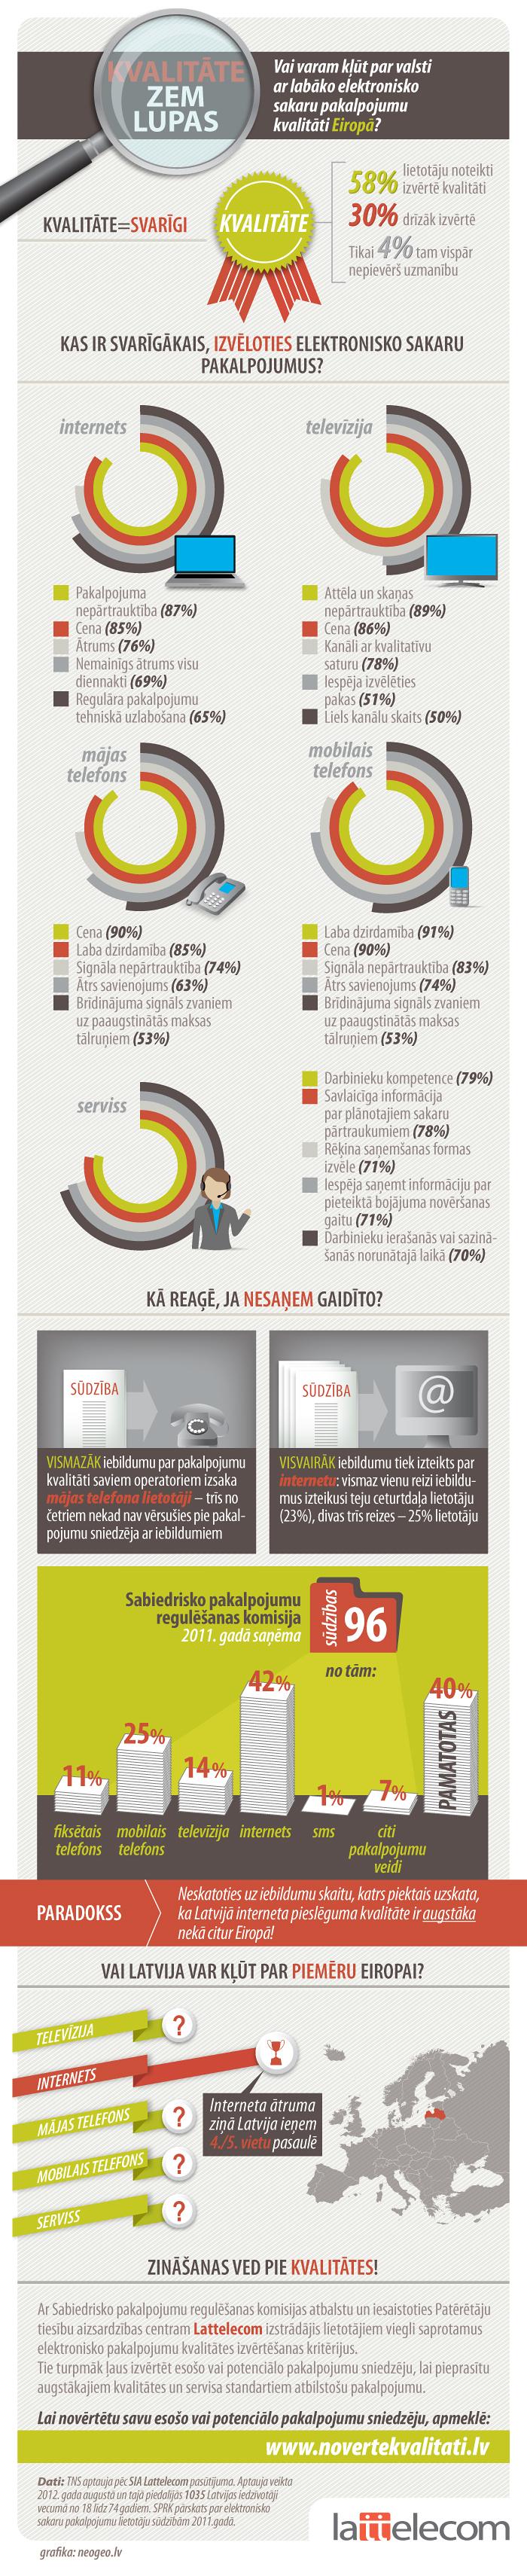 Infografika: Aptaujas rezultāti par elektronisko sakaru pakalpojumu kvalitāti Latvijā